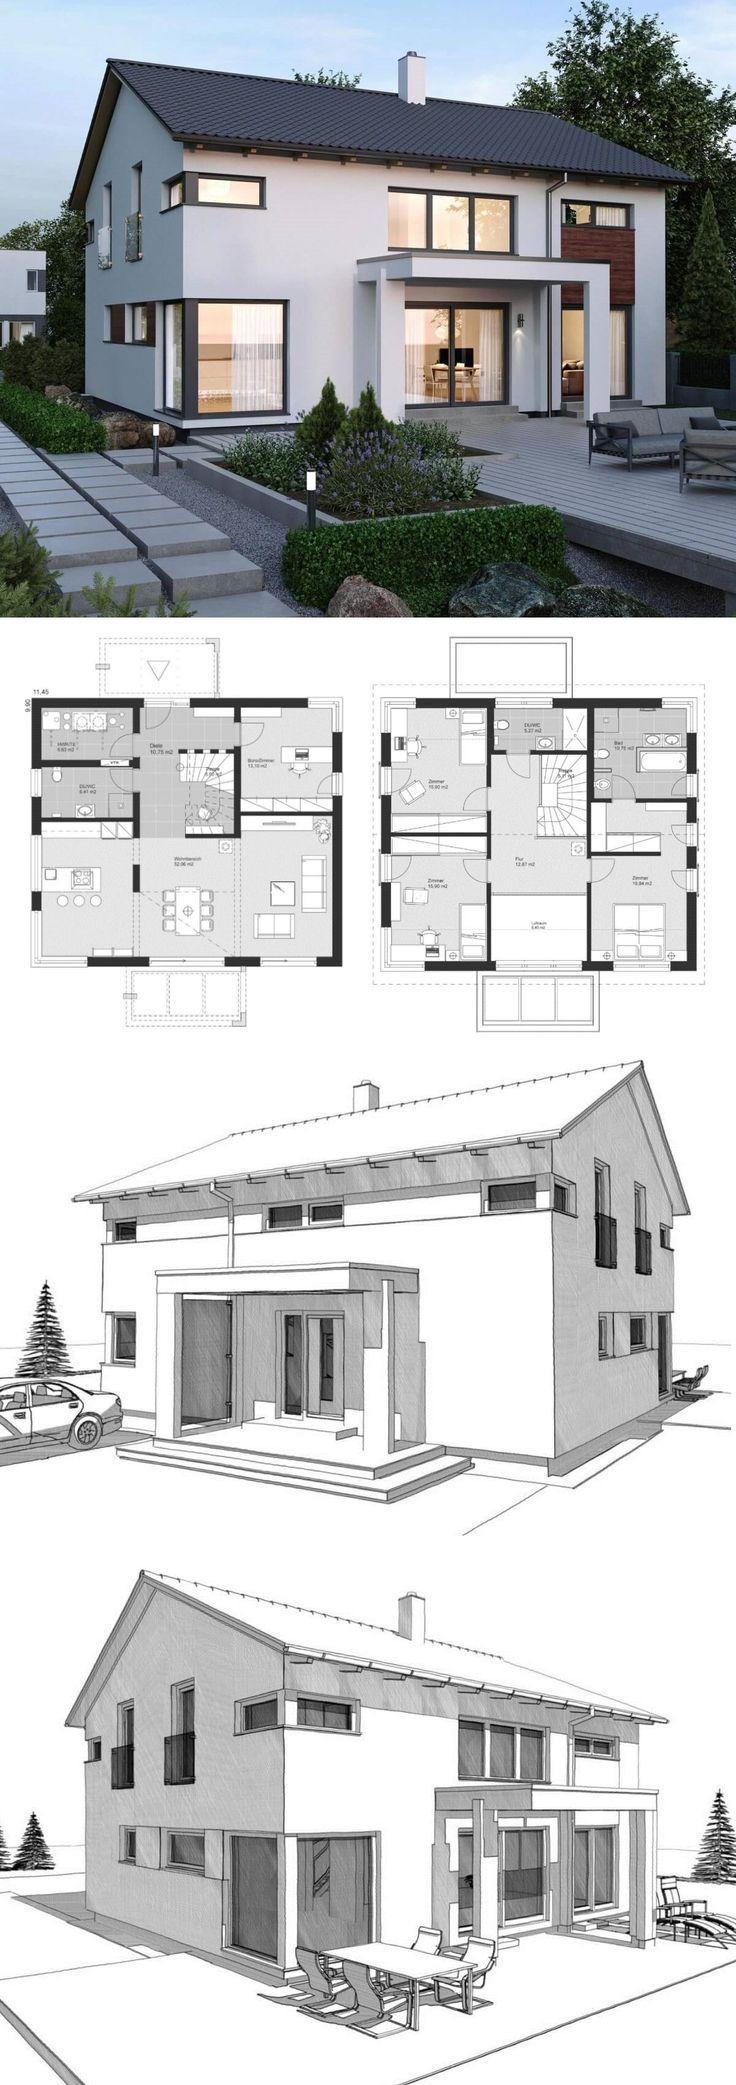 Einfamilienhaus Neubau moderner Grundriss mit Satteldach Architektur & Galerie – E …